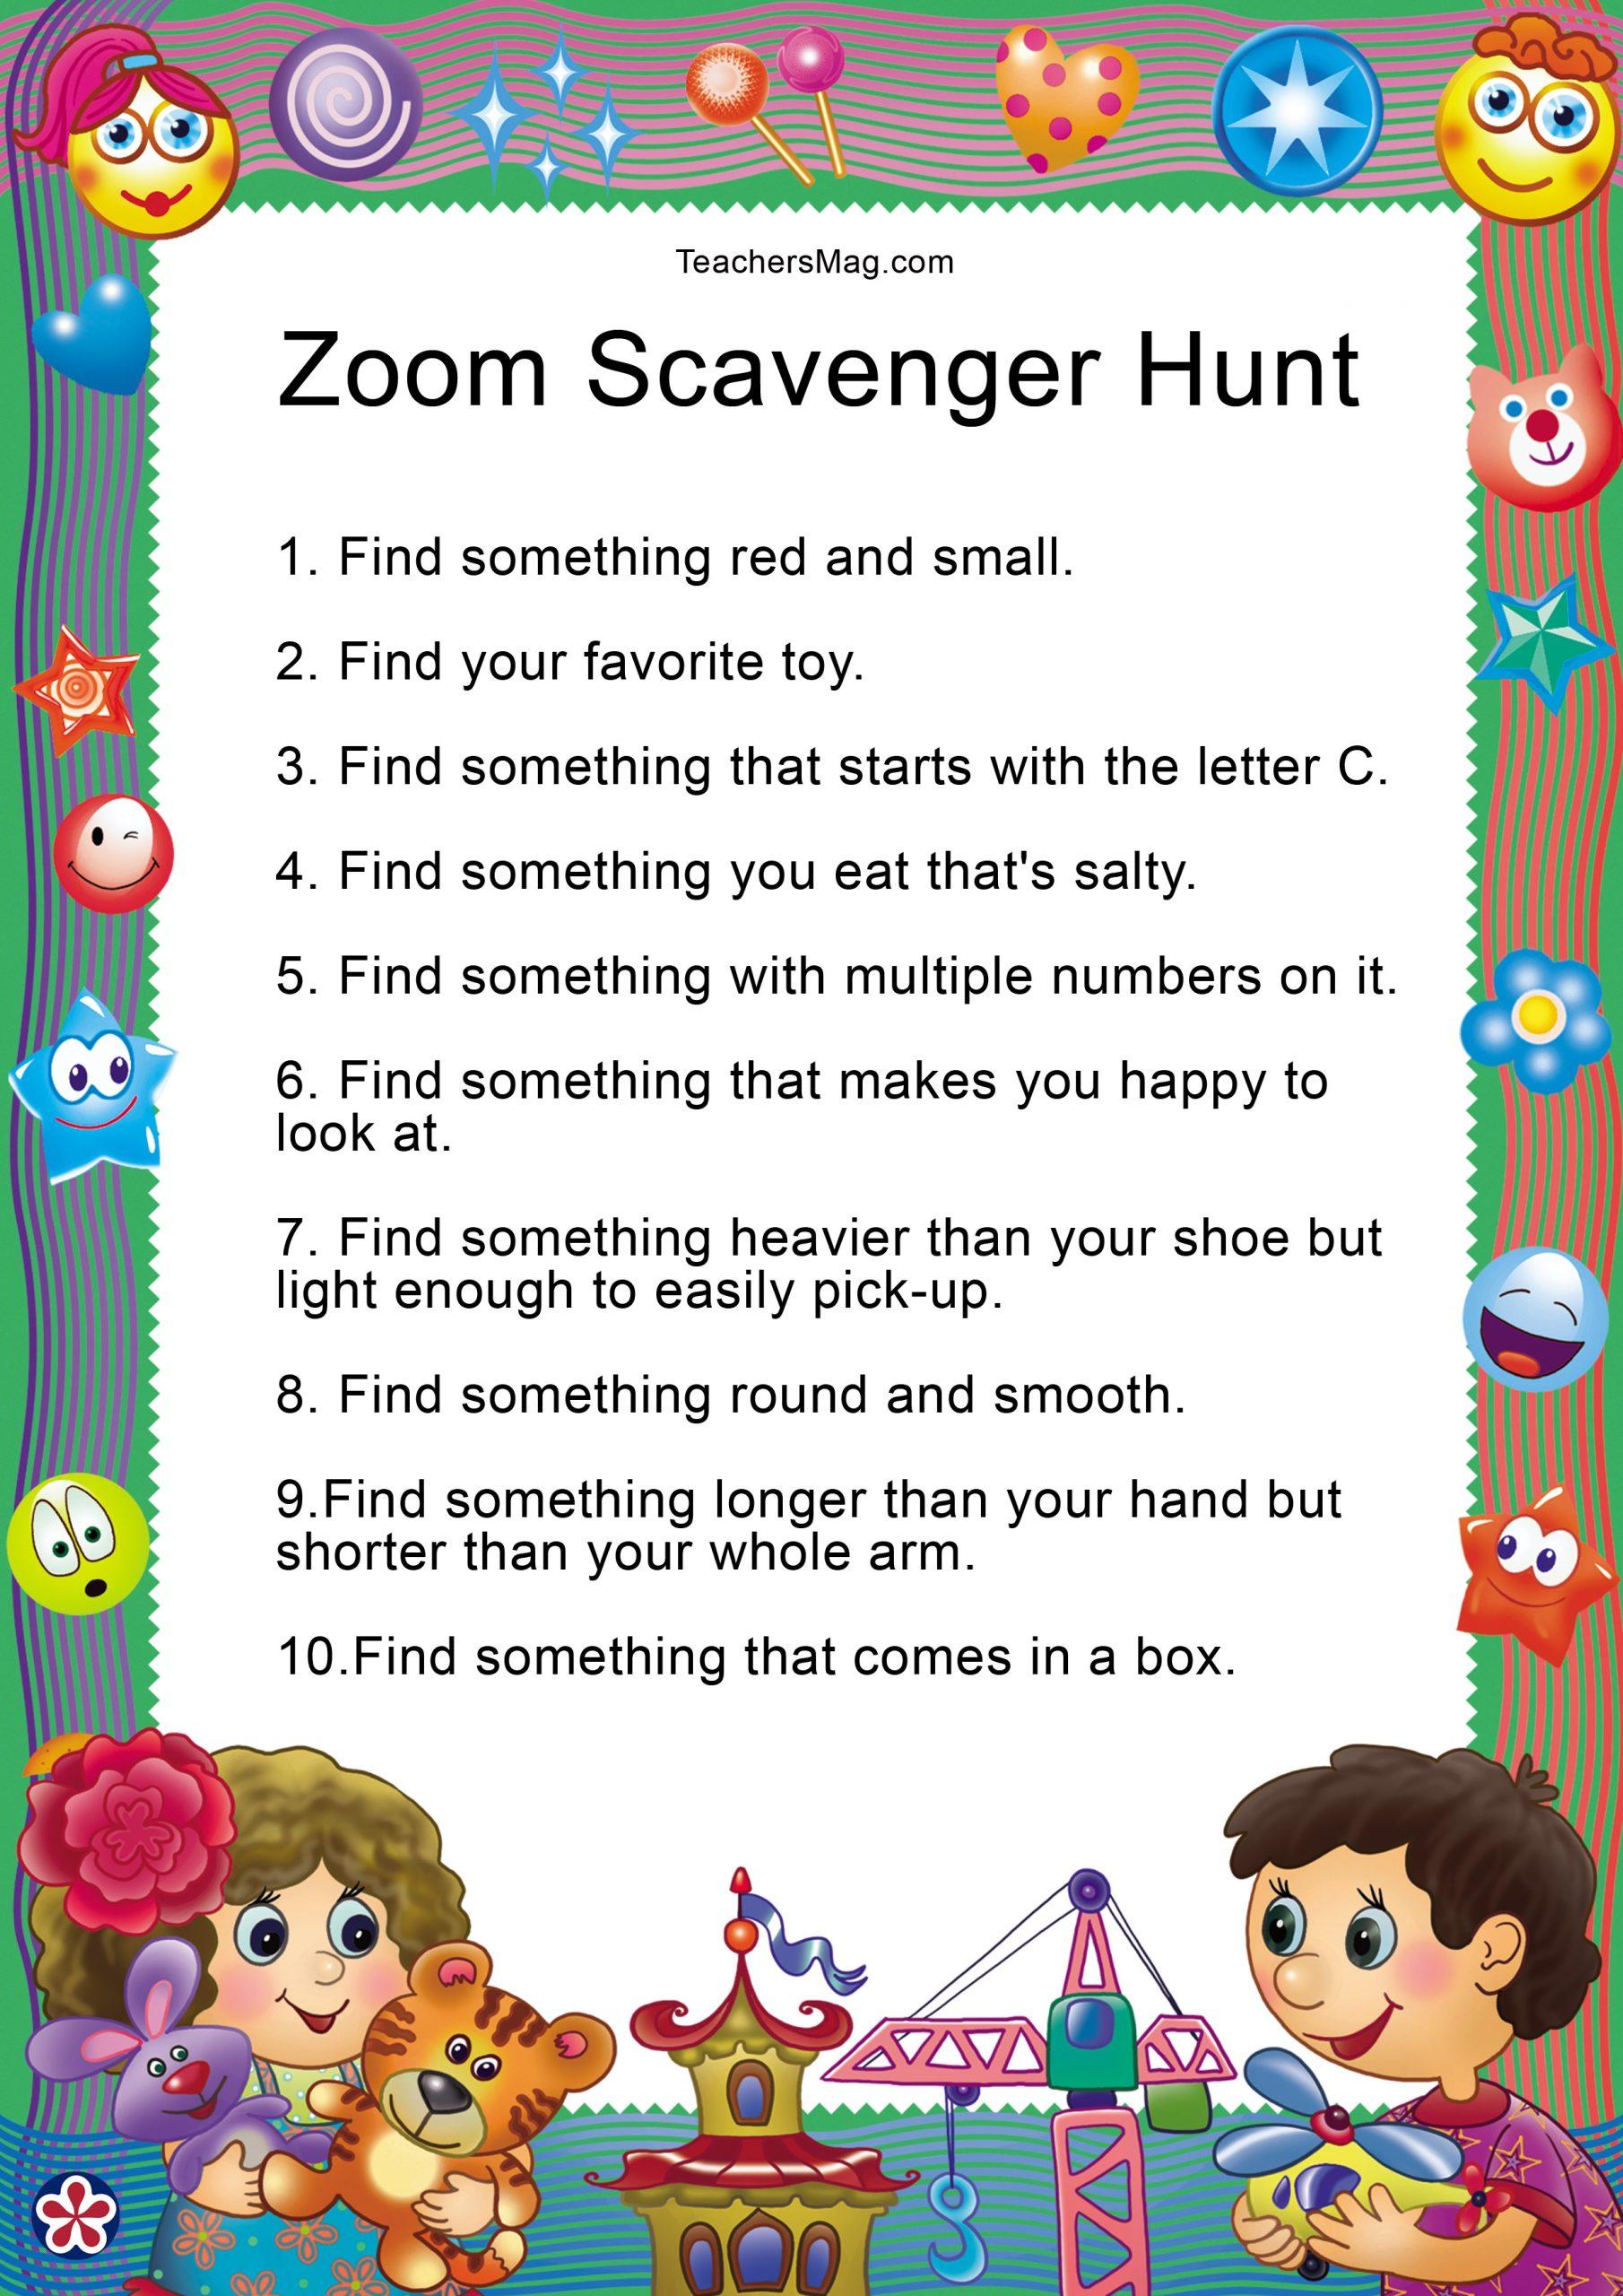 Zoom Scavenger Hunt To Do With Preschoolers